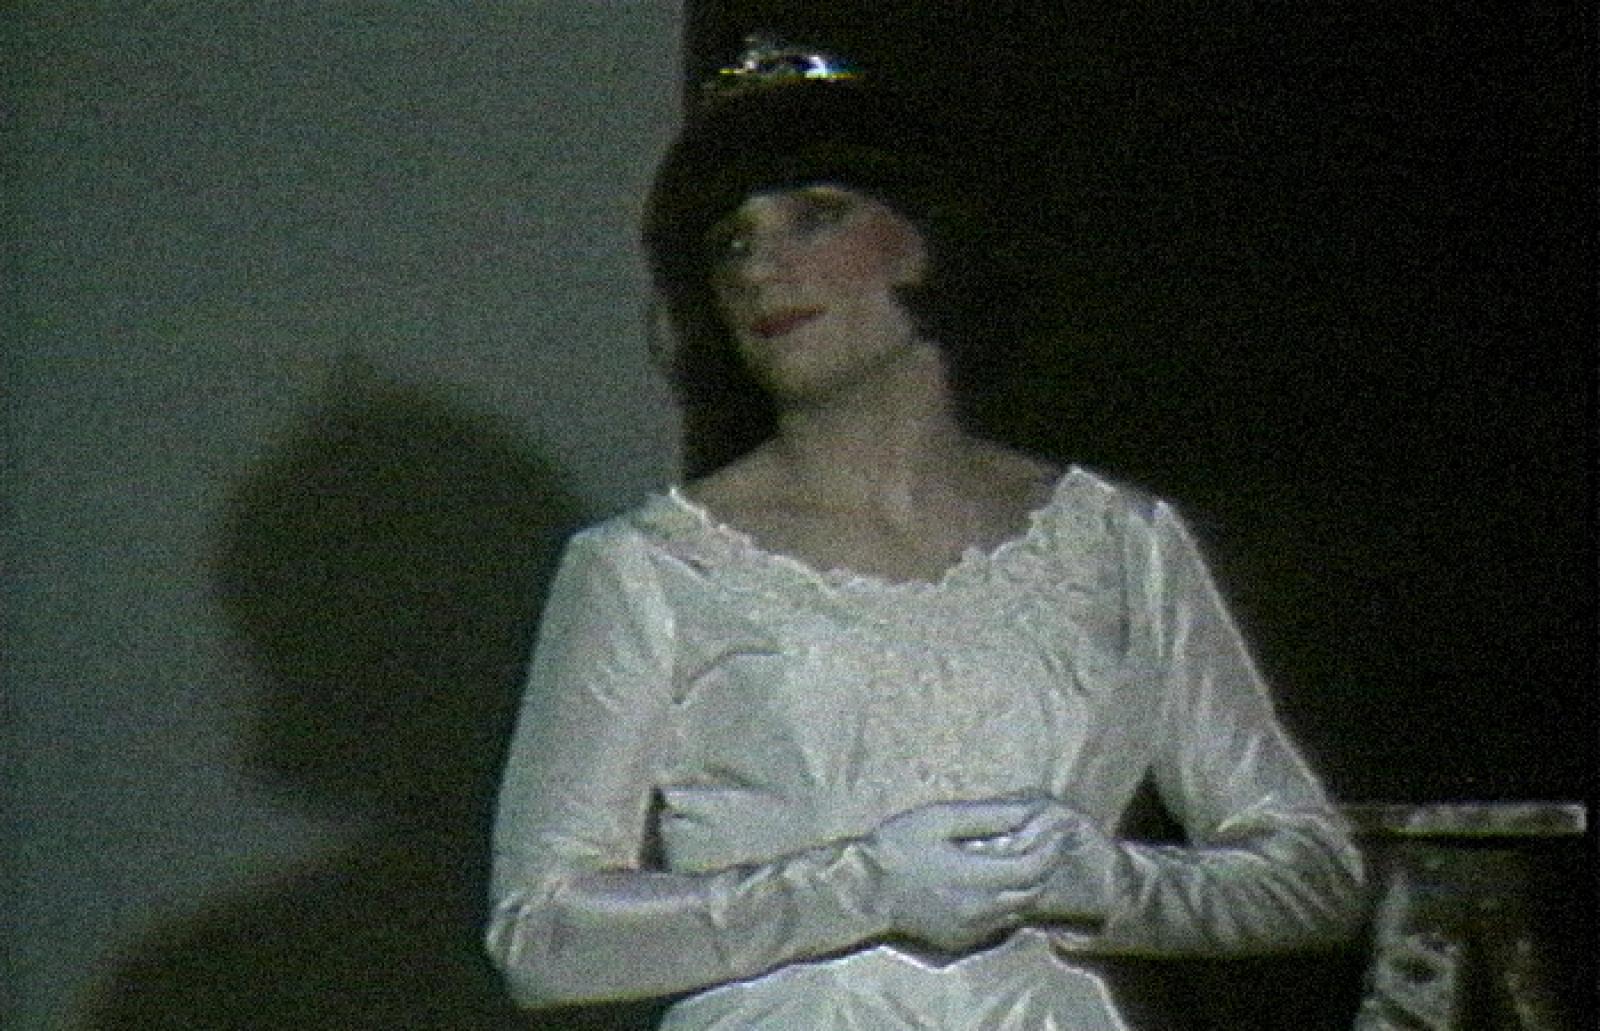 [ Fig. 05 ] <i>Performance de Yves Lalonde</i> (video still), 1987.